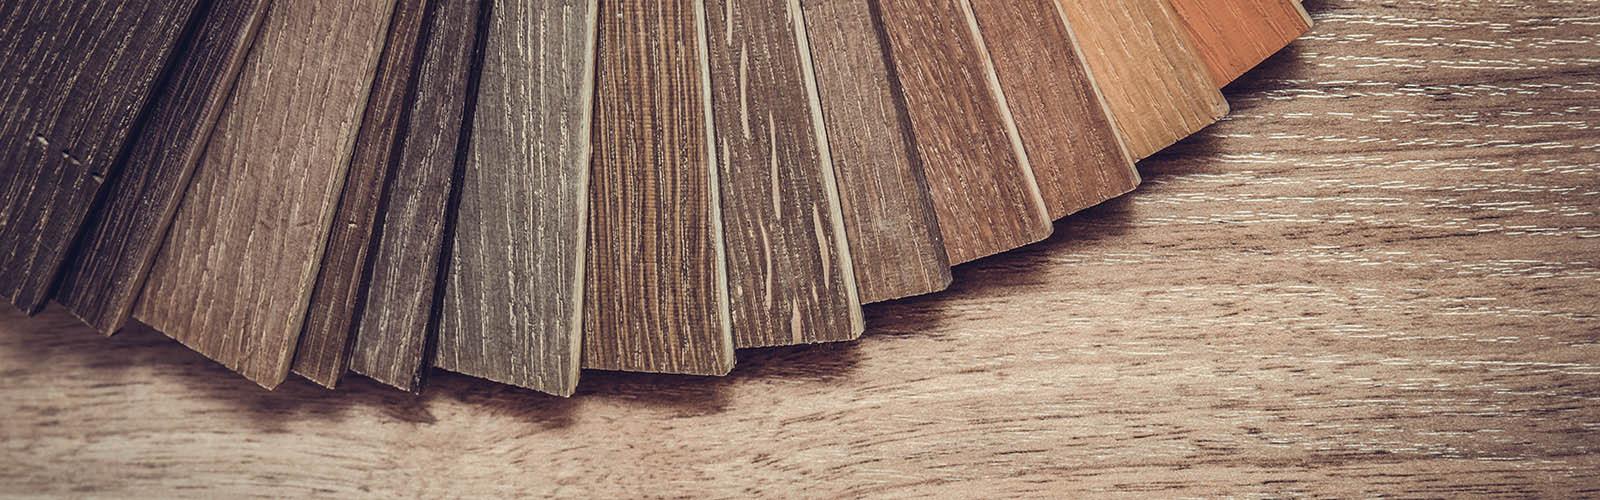 hardwood floor refinishing norfolk va of hardwood flooring carpet installation in virginia beach va inside flooring